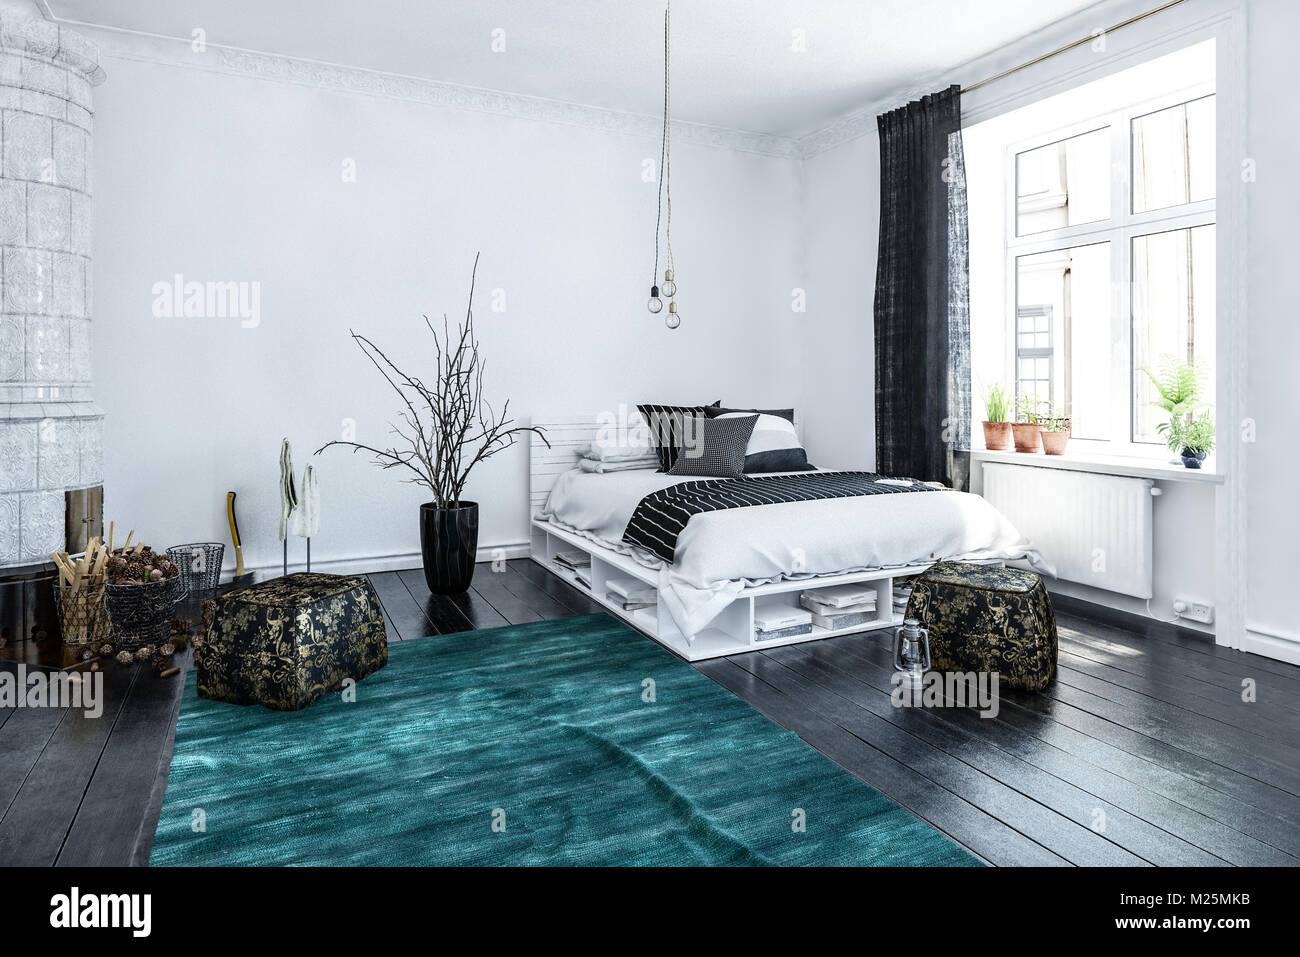 Modernes, Stilvolles High Key Luftige Schlafzimmer Interieur In Schwarz Und  Weiß Gehalten Und Ein Designer Bett Und Blauen Teppich In Der Ecke Neben  Einem ...